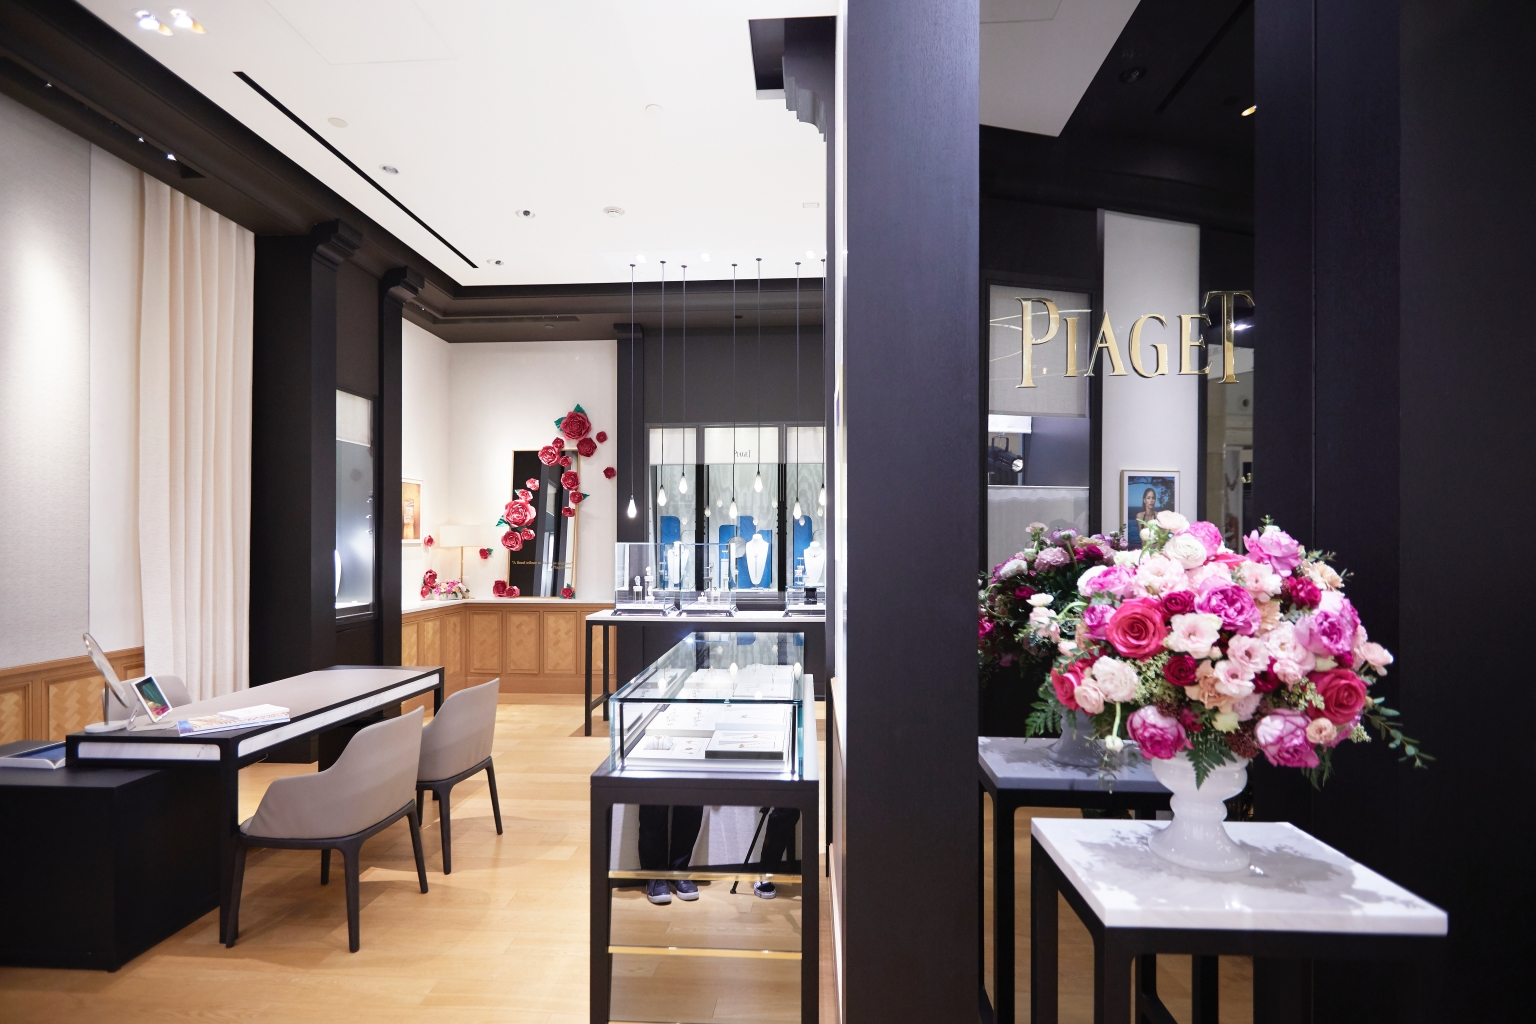 伯爵舉辦「與傳奇玫瑰的浪漫邂逅」記者會 專賣店於4月24日至4月30日化為浪漫玫瑰花坊(6)